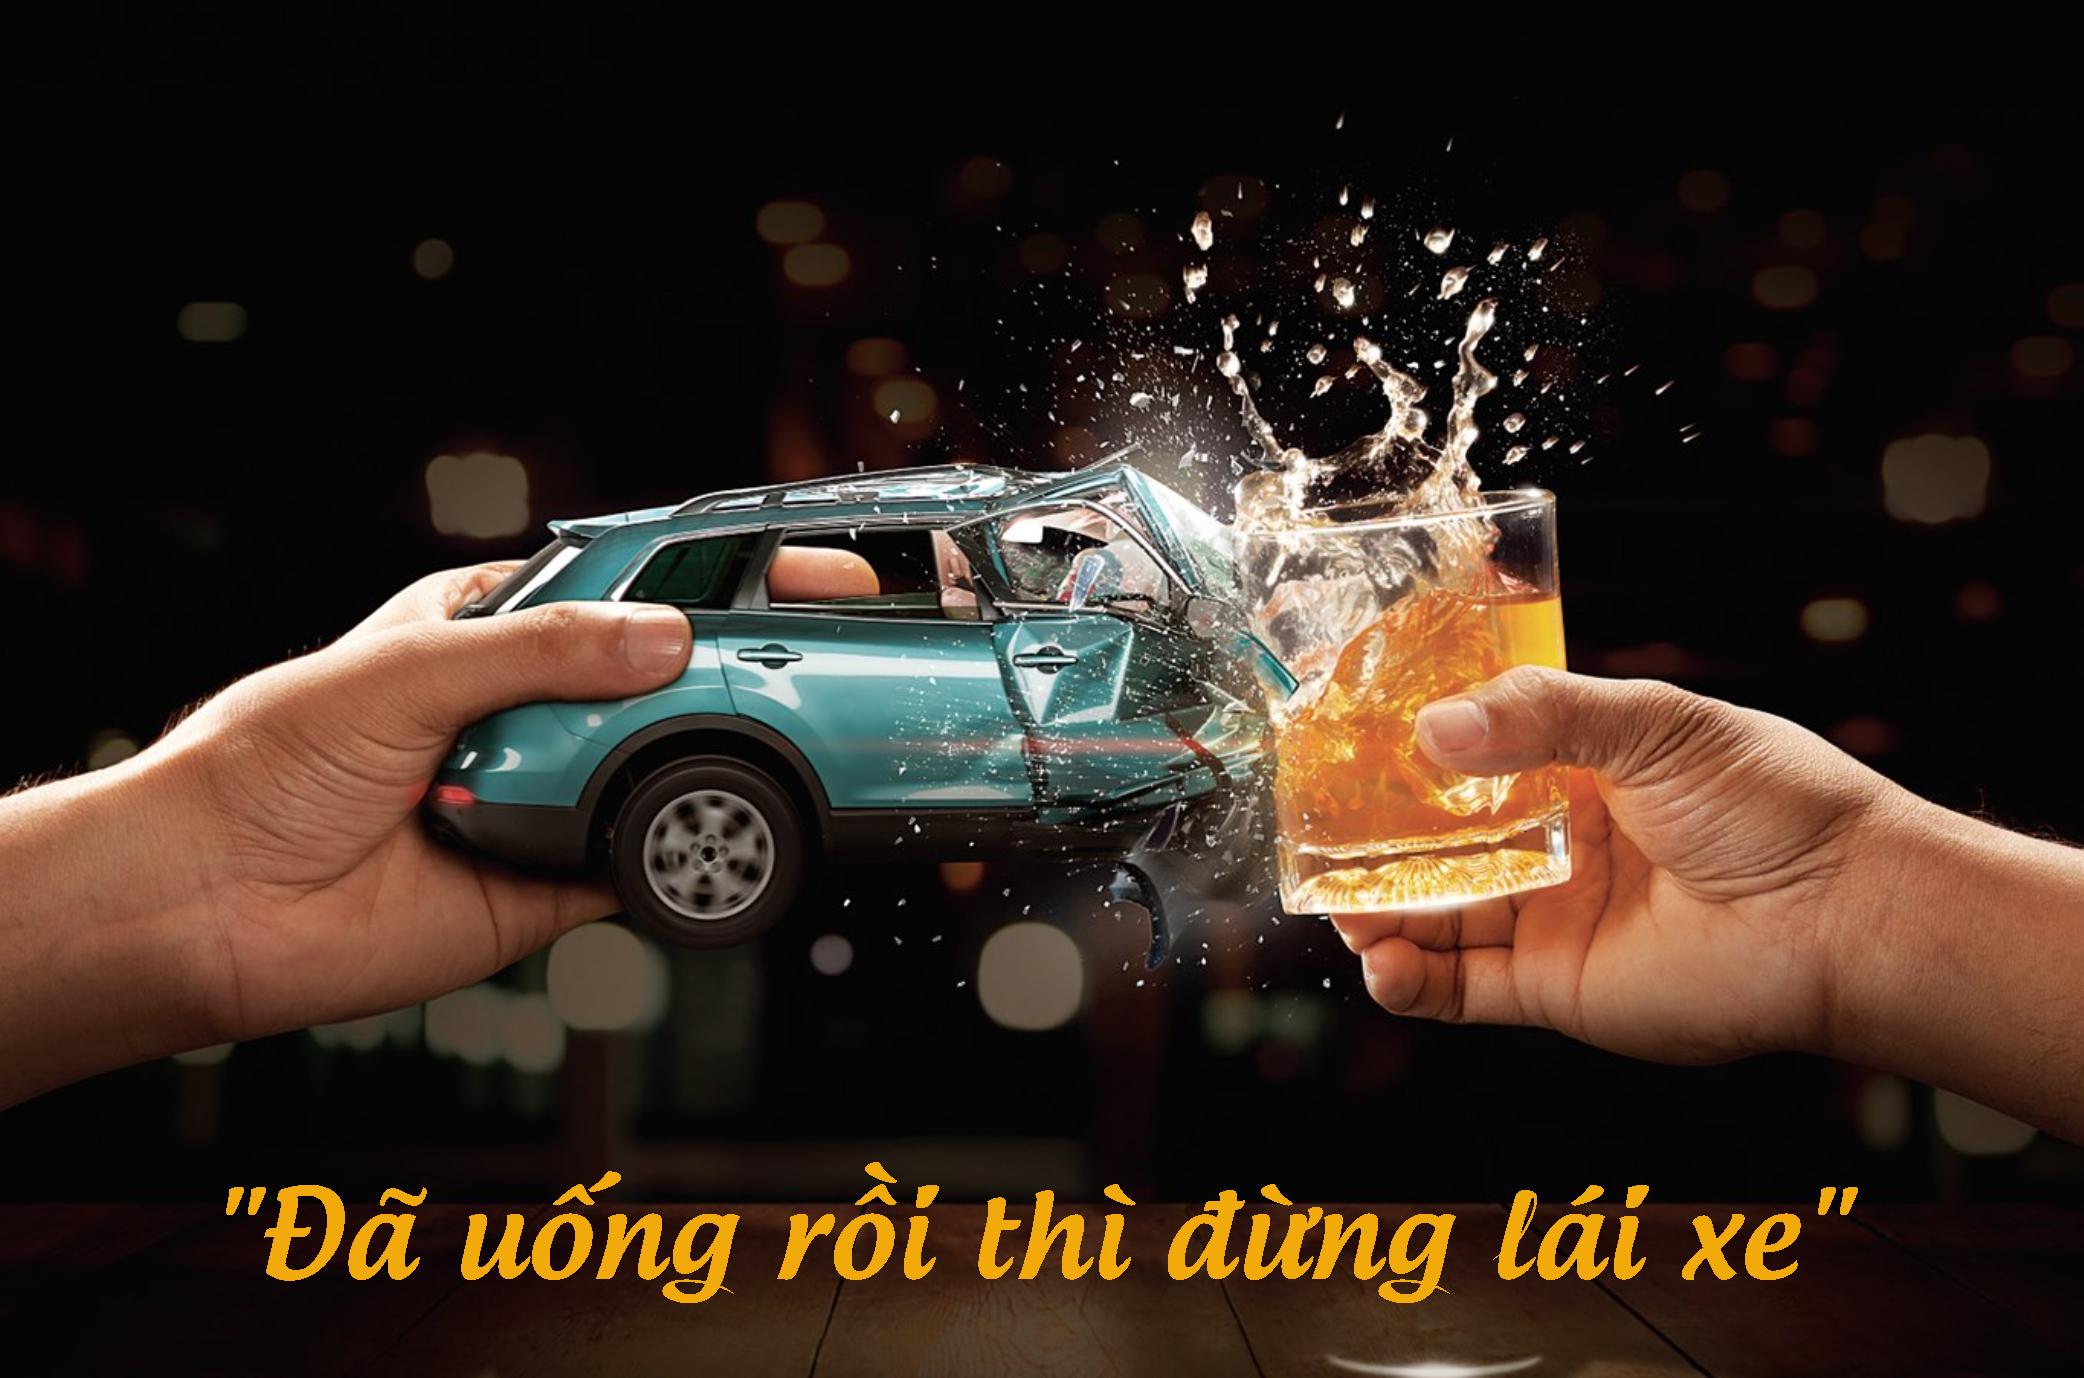 Đã uống rượu bia thì không lái xe